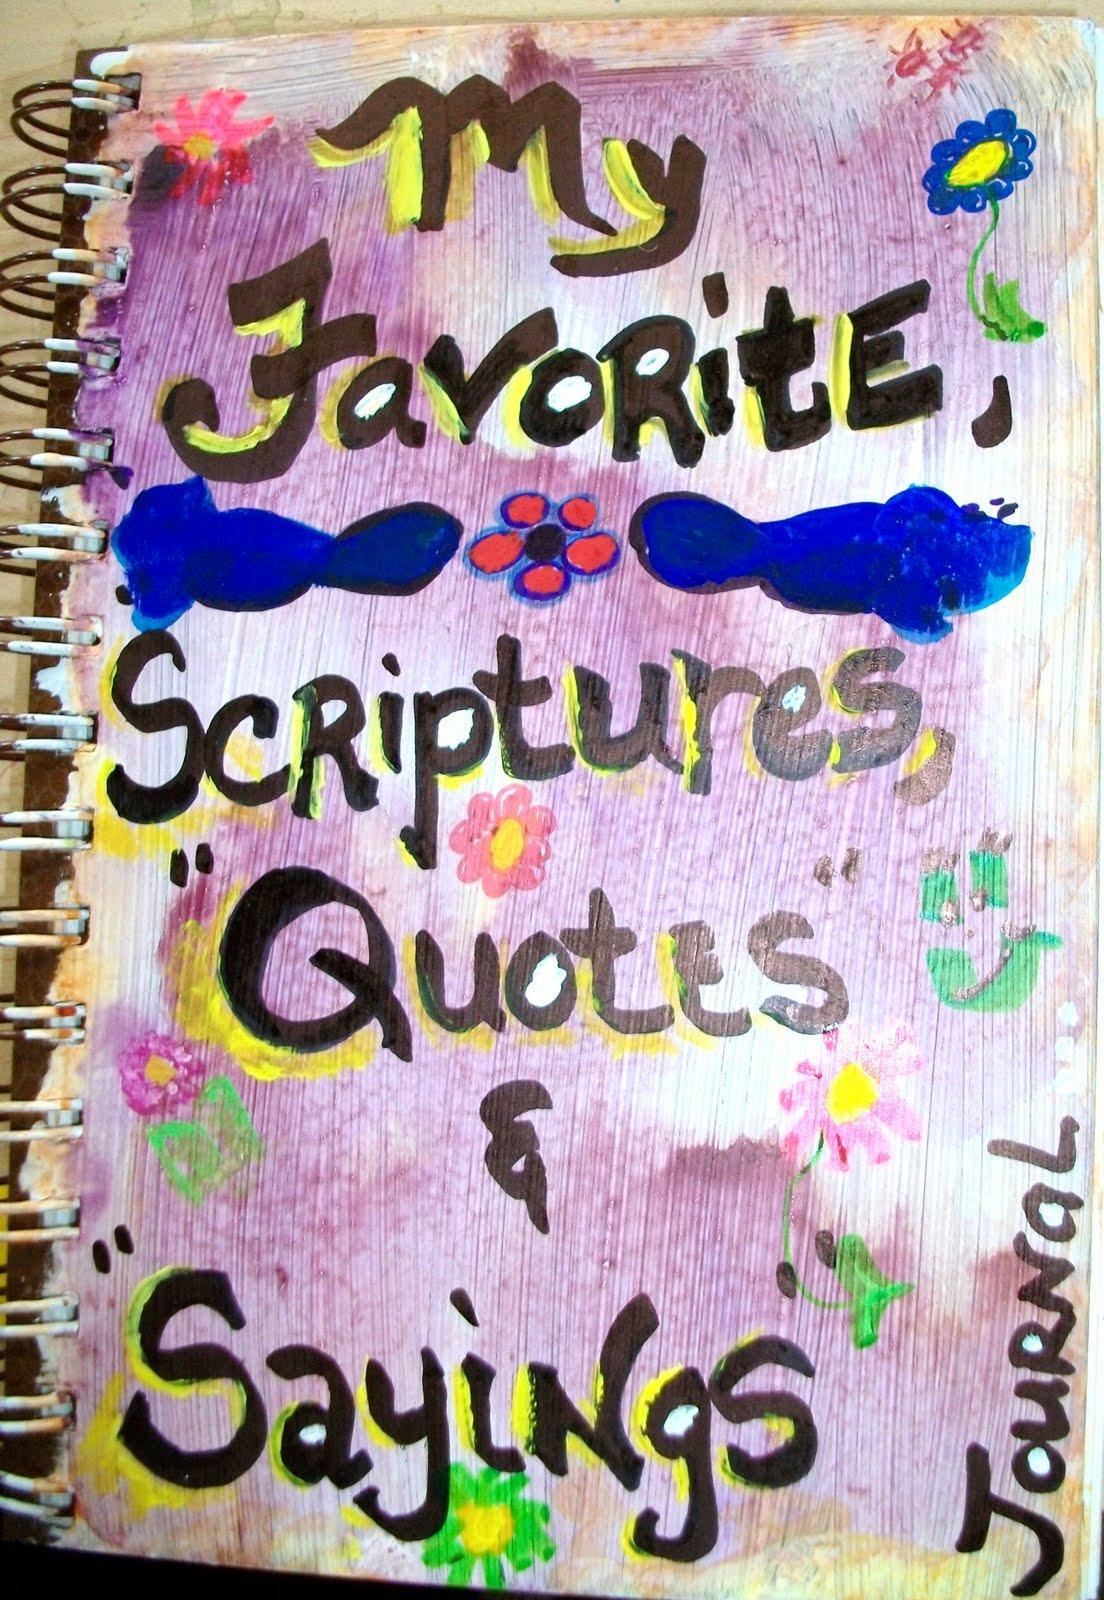 Scriptures quote #2